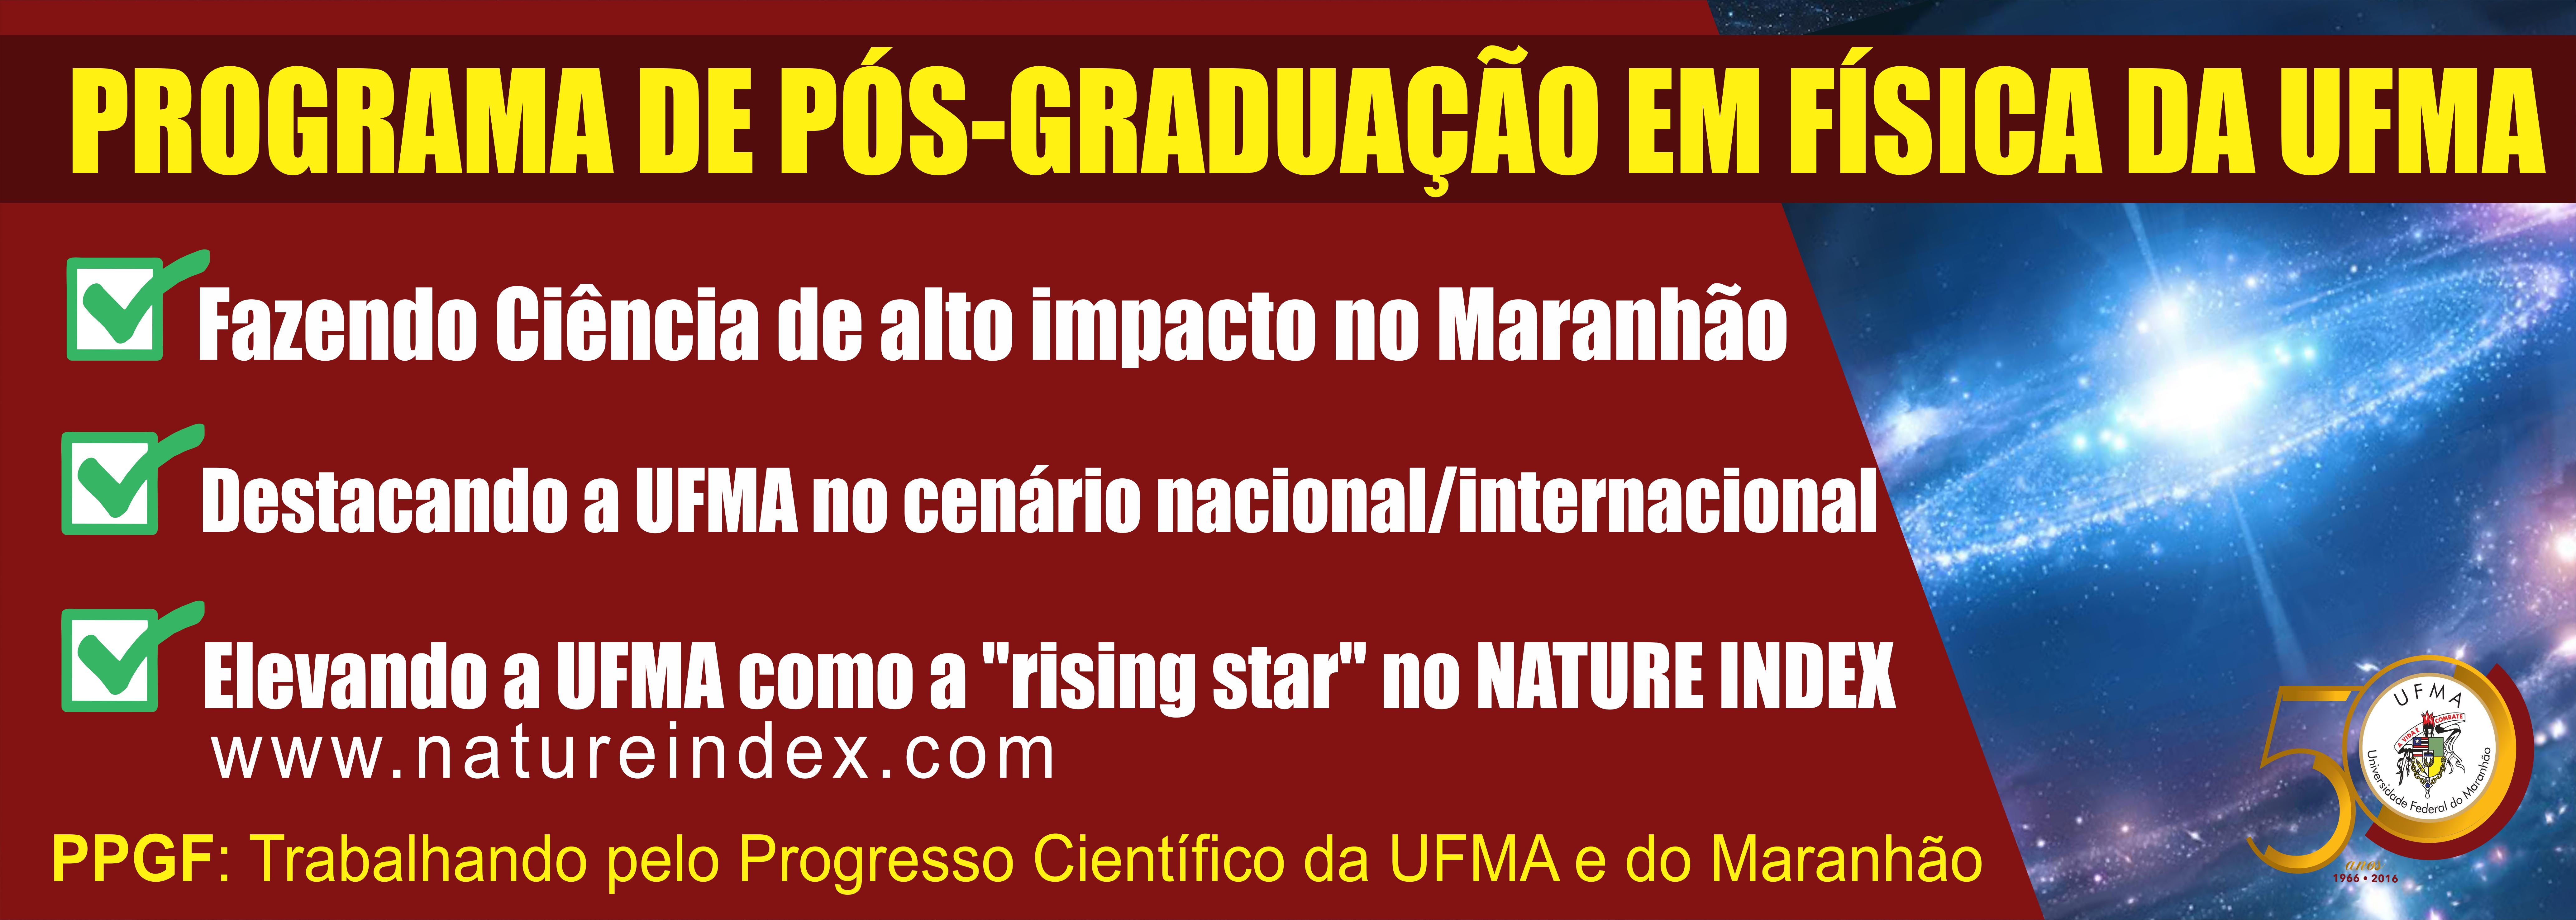 Programa de Pós-Graduação em Física na UFMA